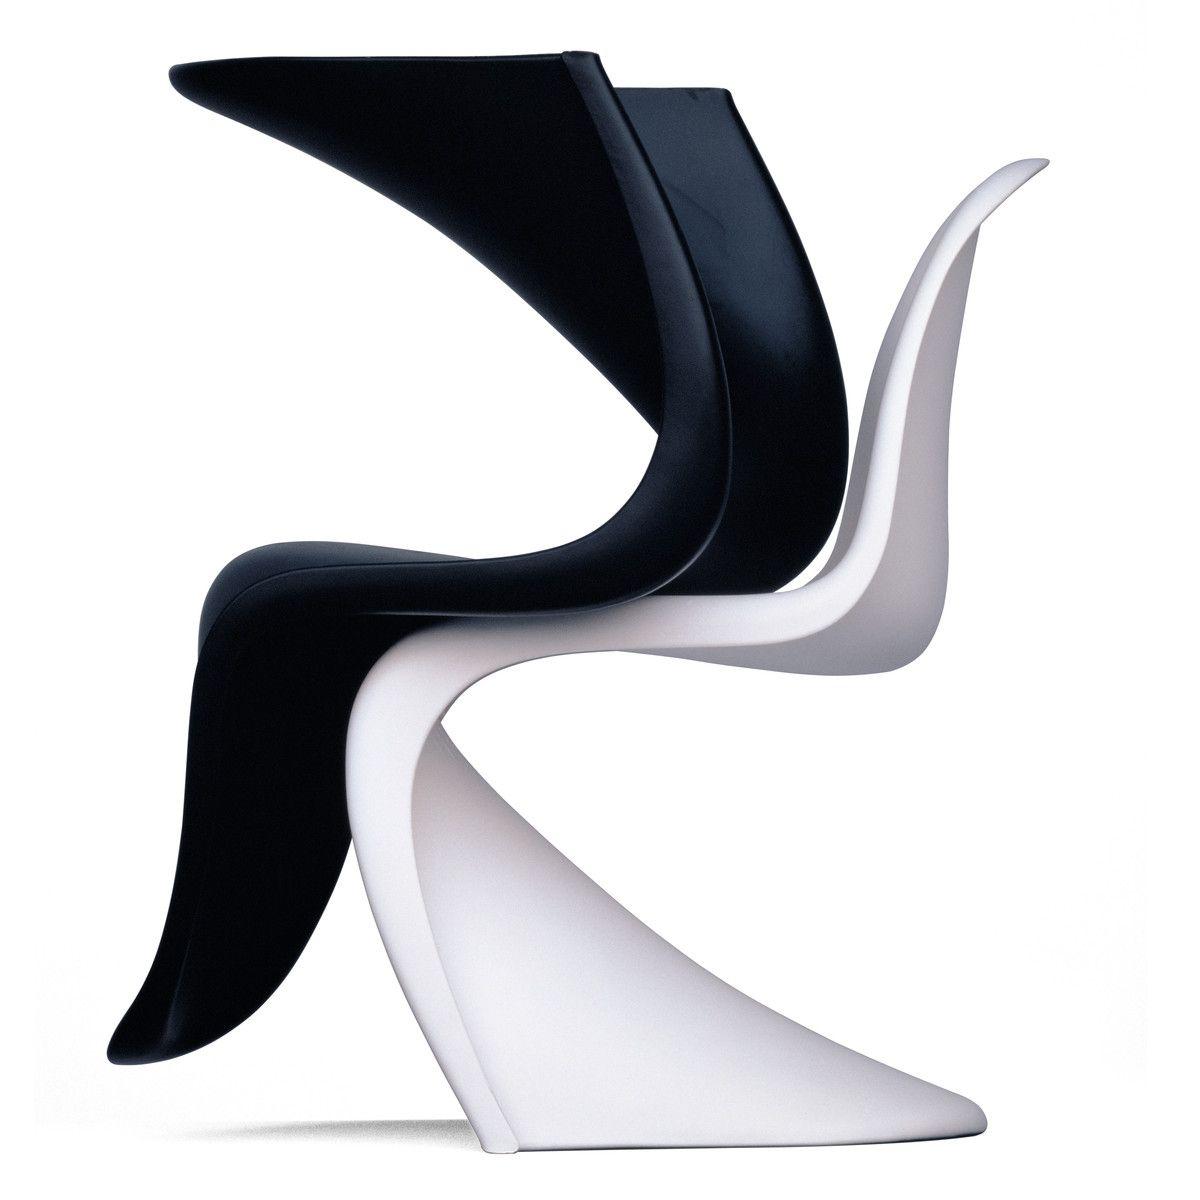 Panton chair panton chair was designed by verner panton in